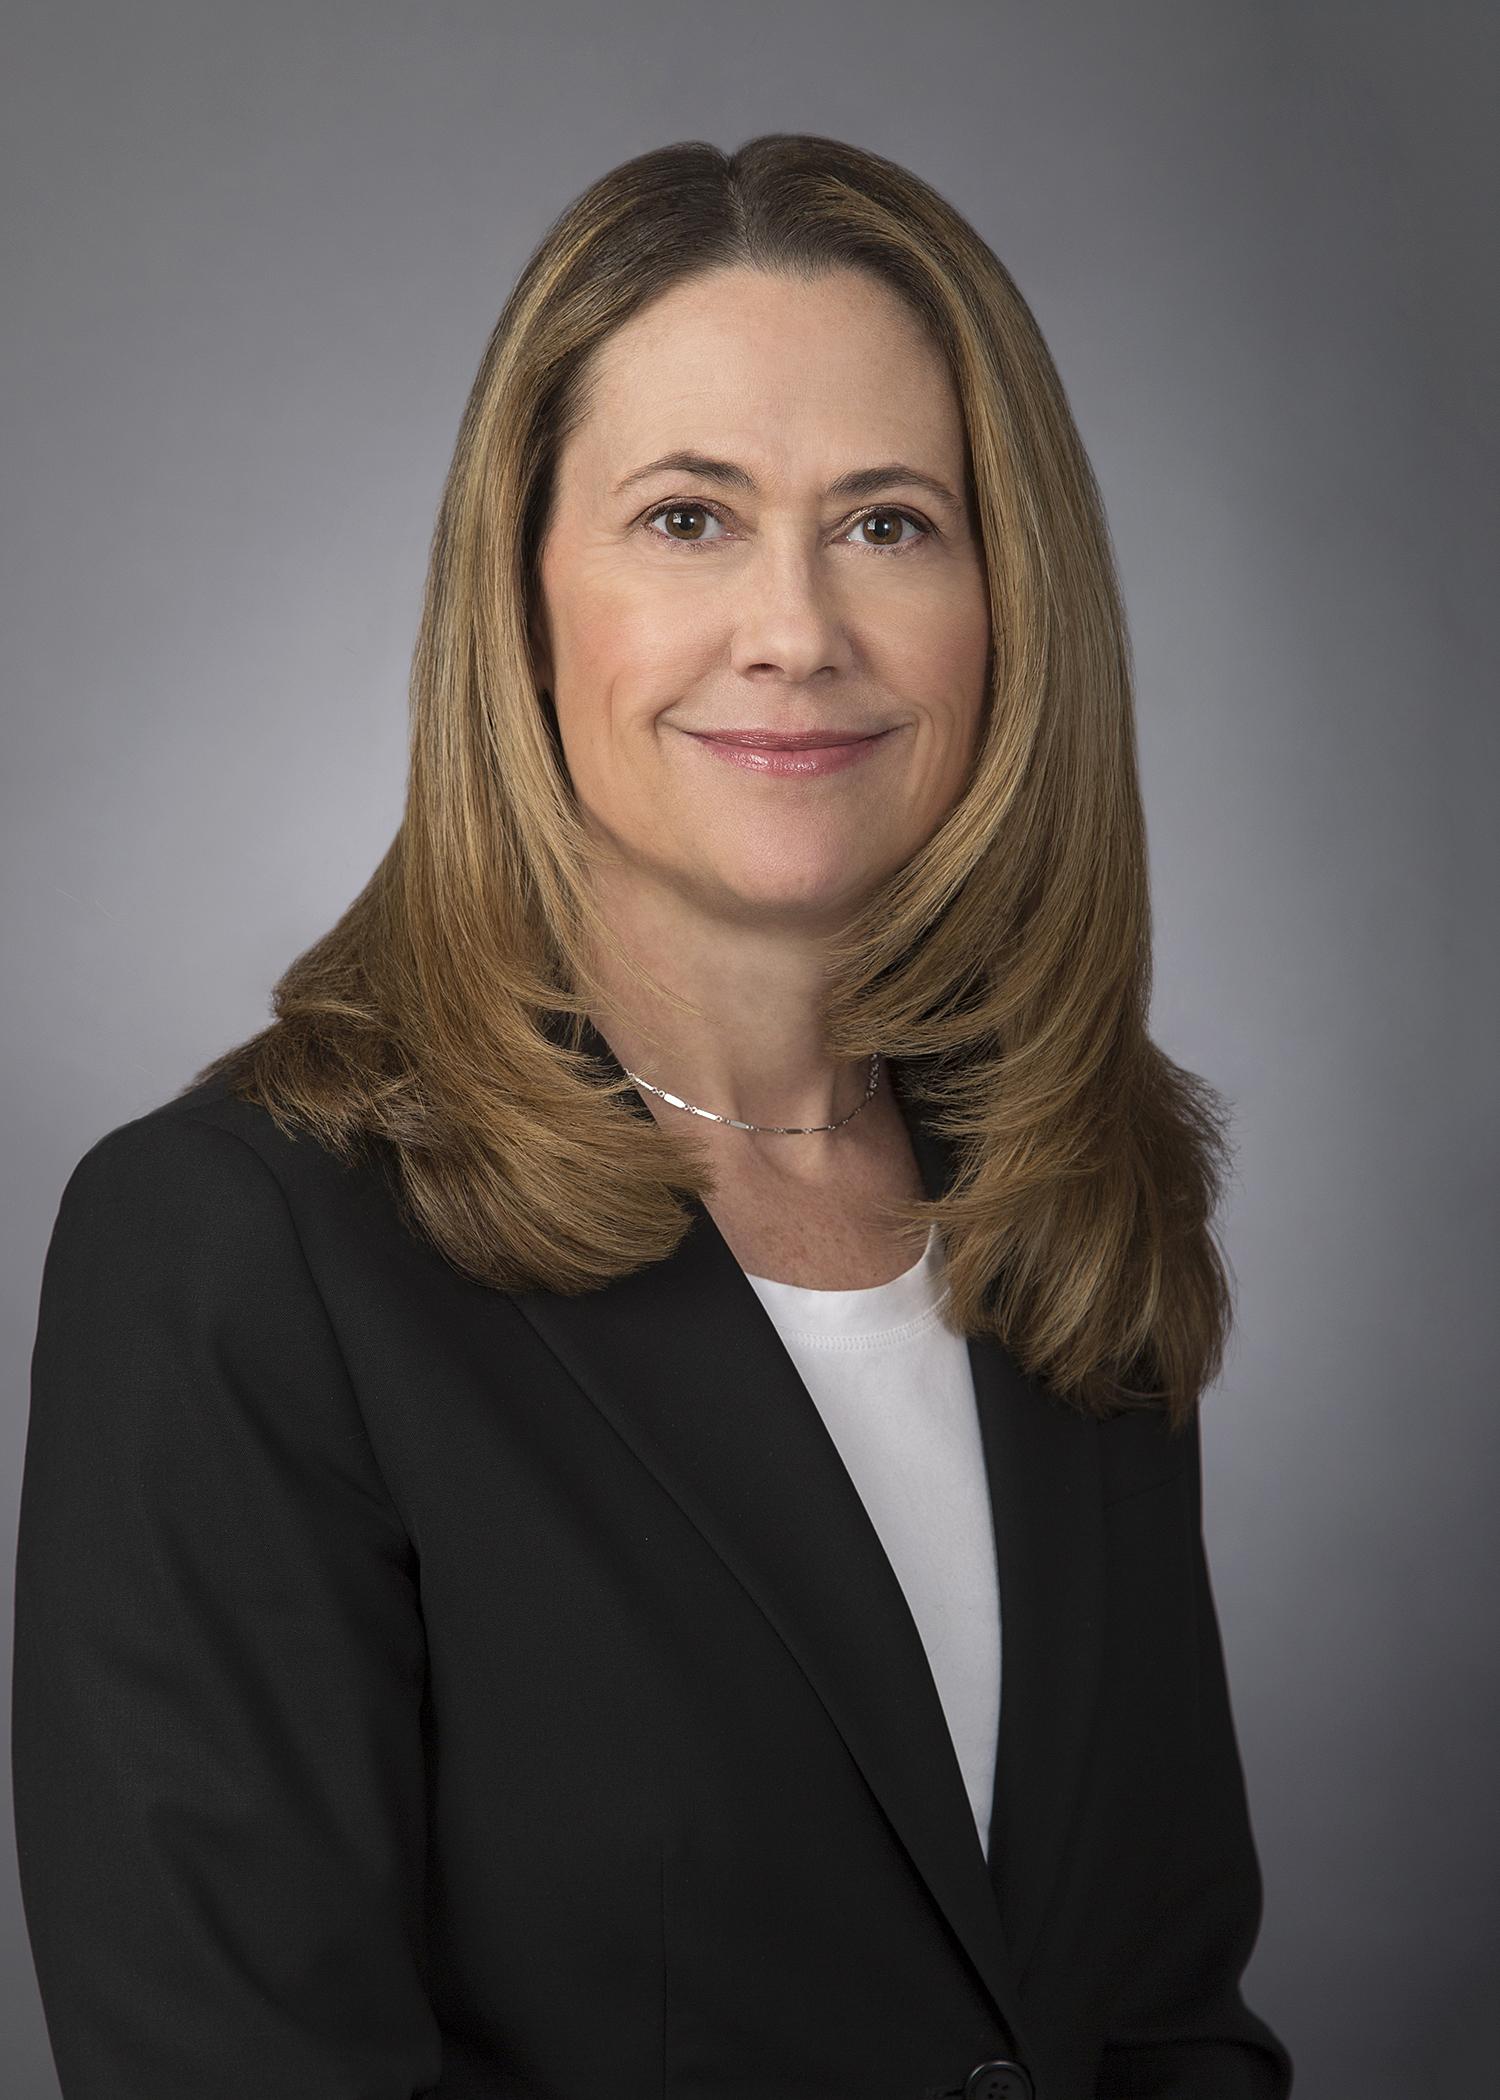 Stacy Fuller